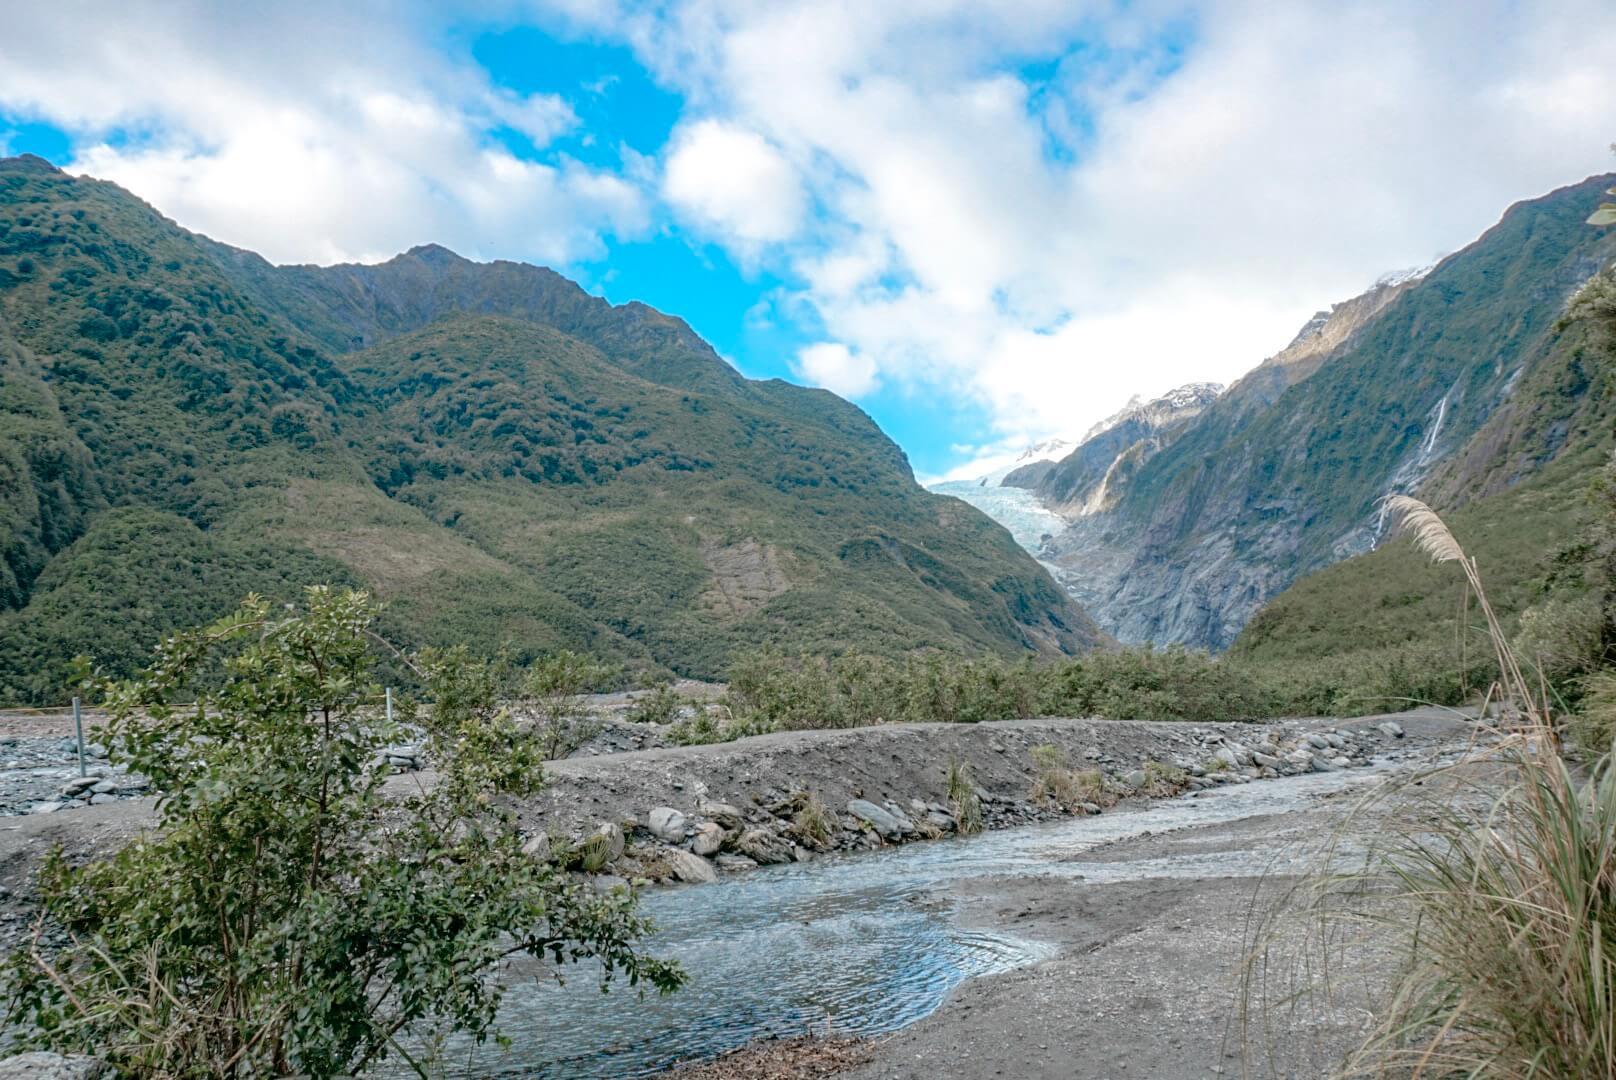 Le parc du glacier Franz josef avec ces sentiers